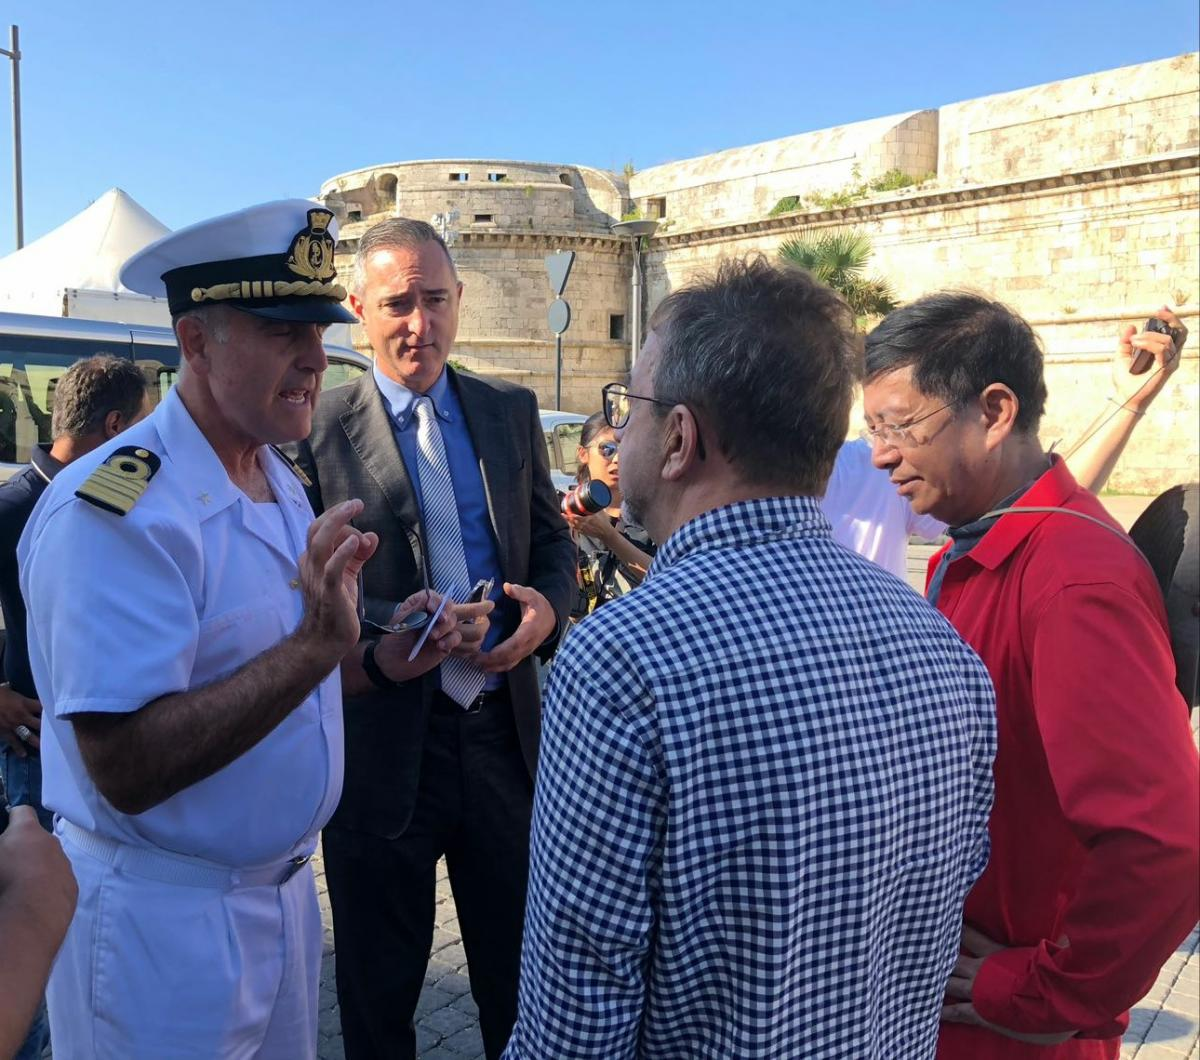 Delegazione della Tv di stato cinese in visita al porto di Civitavecchia